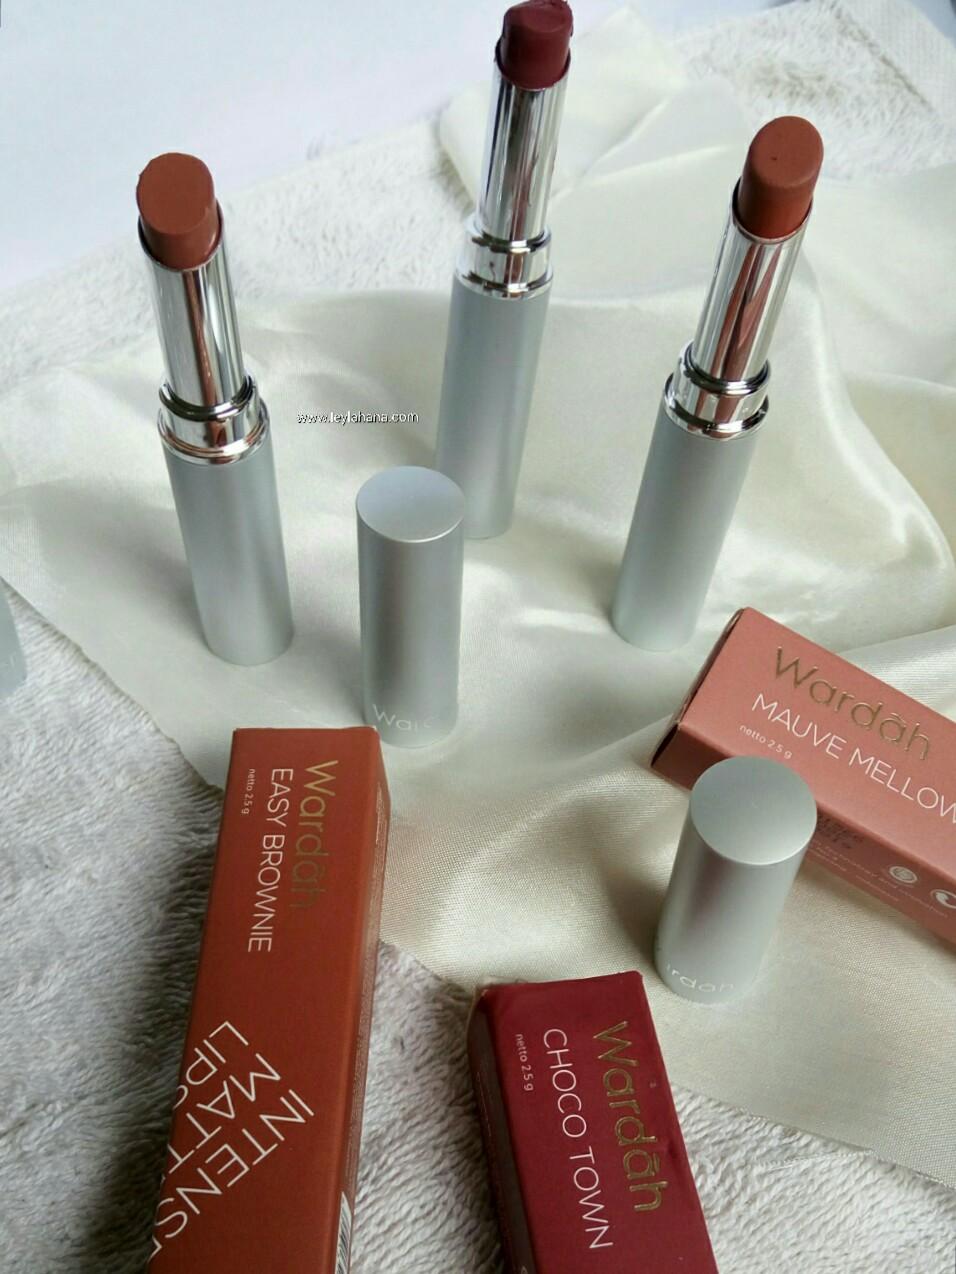 Review Wardah Intense Matte Lipstick Leyla Hana Lipstik No9 Produk Sendiri Sudah Memiliki Sertifikasi Halal Begitu Juga Dengan Ini Ada Logo Mui Nya Pada Kemasan